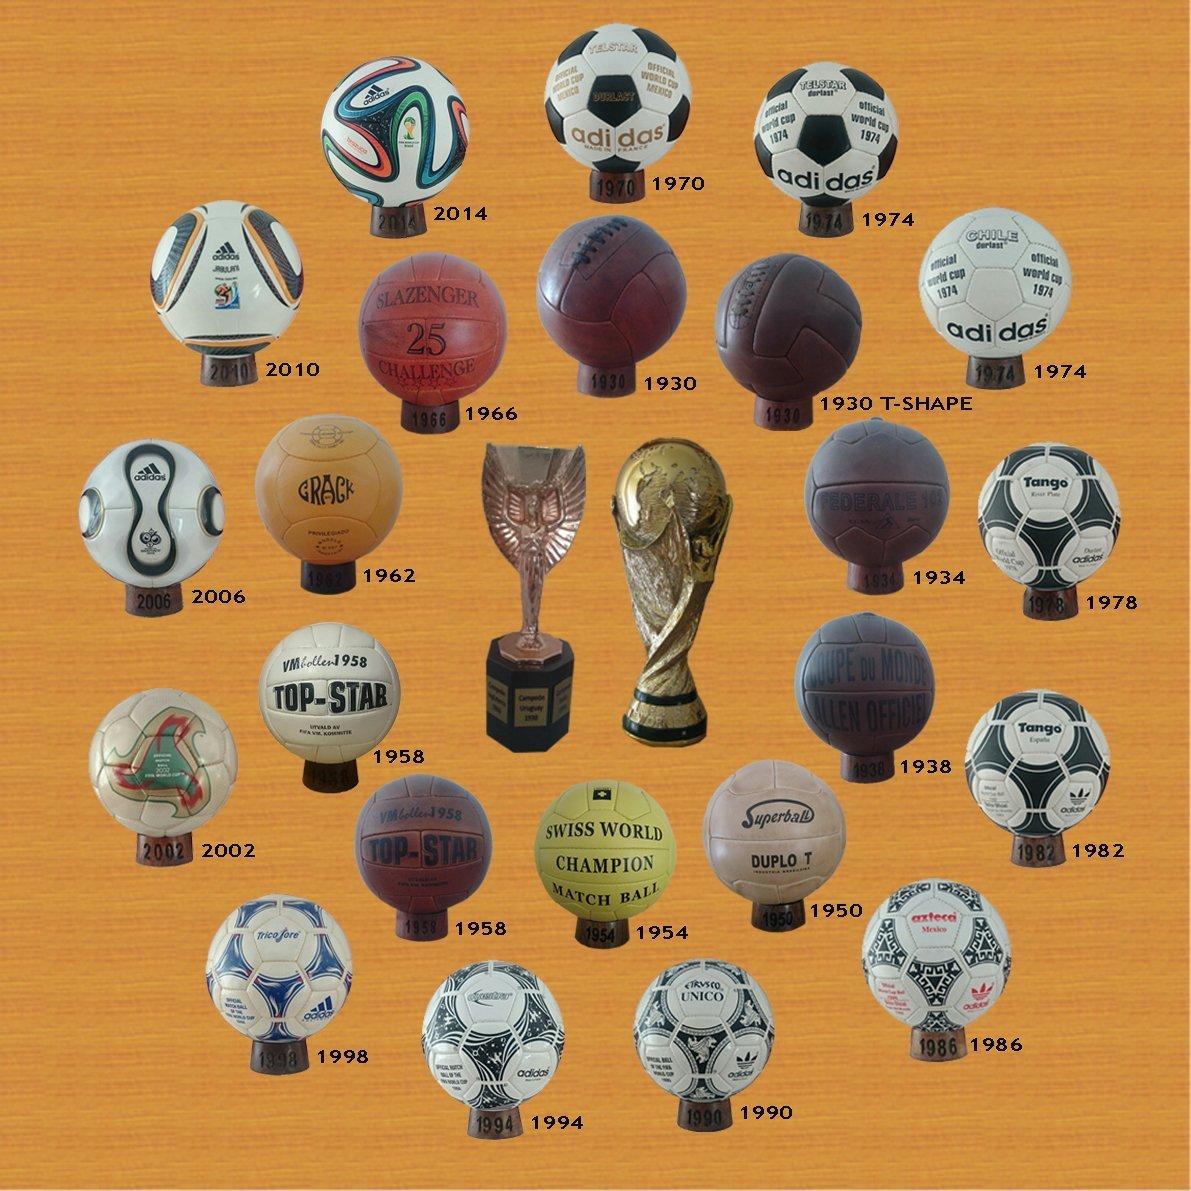 Colección de balones mundialistas desde 1930 - 2014 + trofeo Jules Rimet + trofeo FIFA + 23 soportes de madera sbc